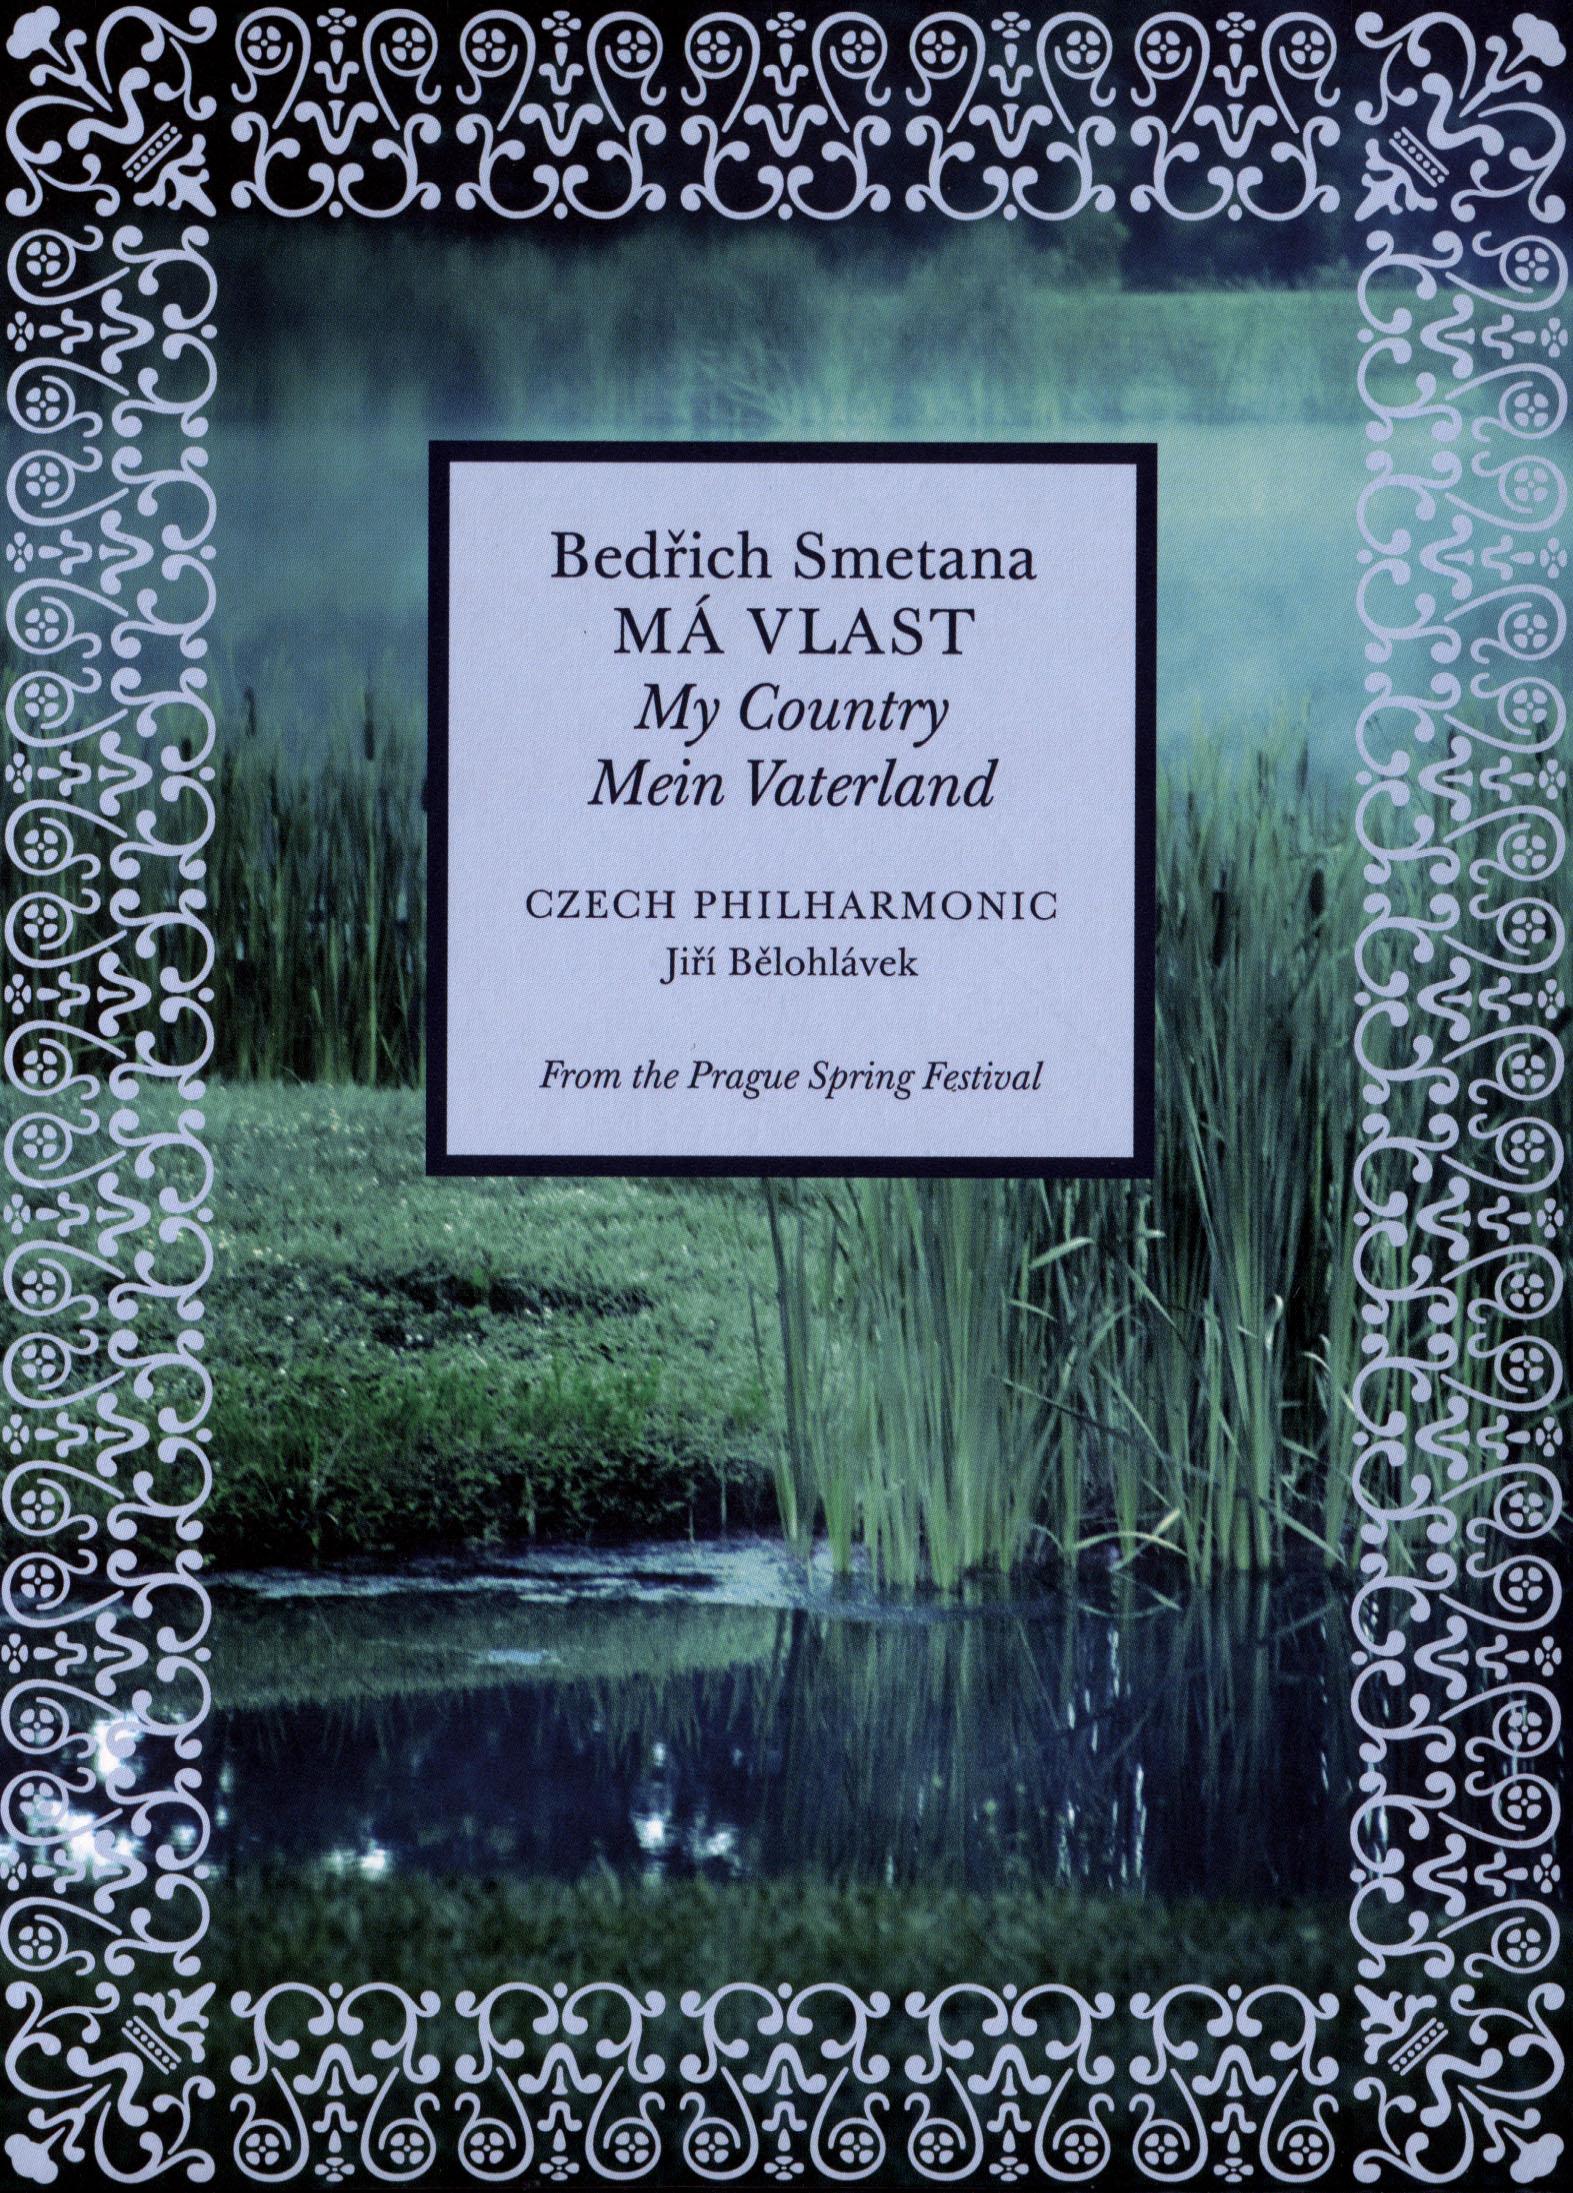 Jirí Belohlávek/Czech Philharmonic: Bedrich Smetana - Mà Vlast - My Fatherland